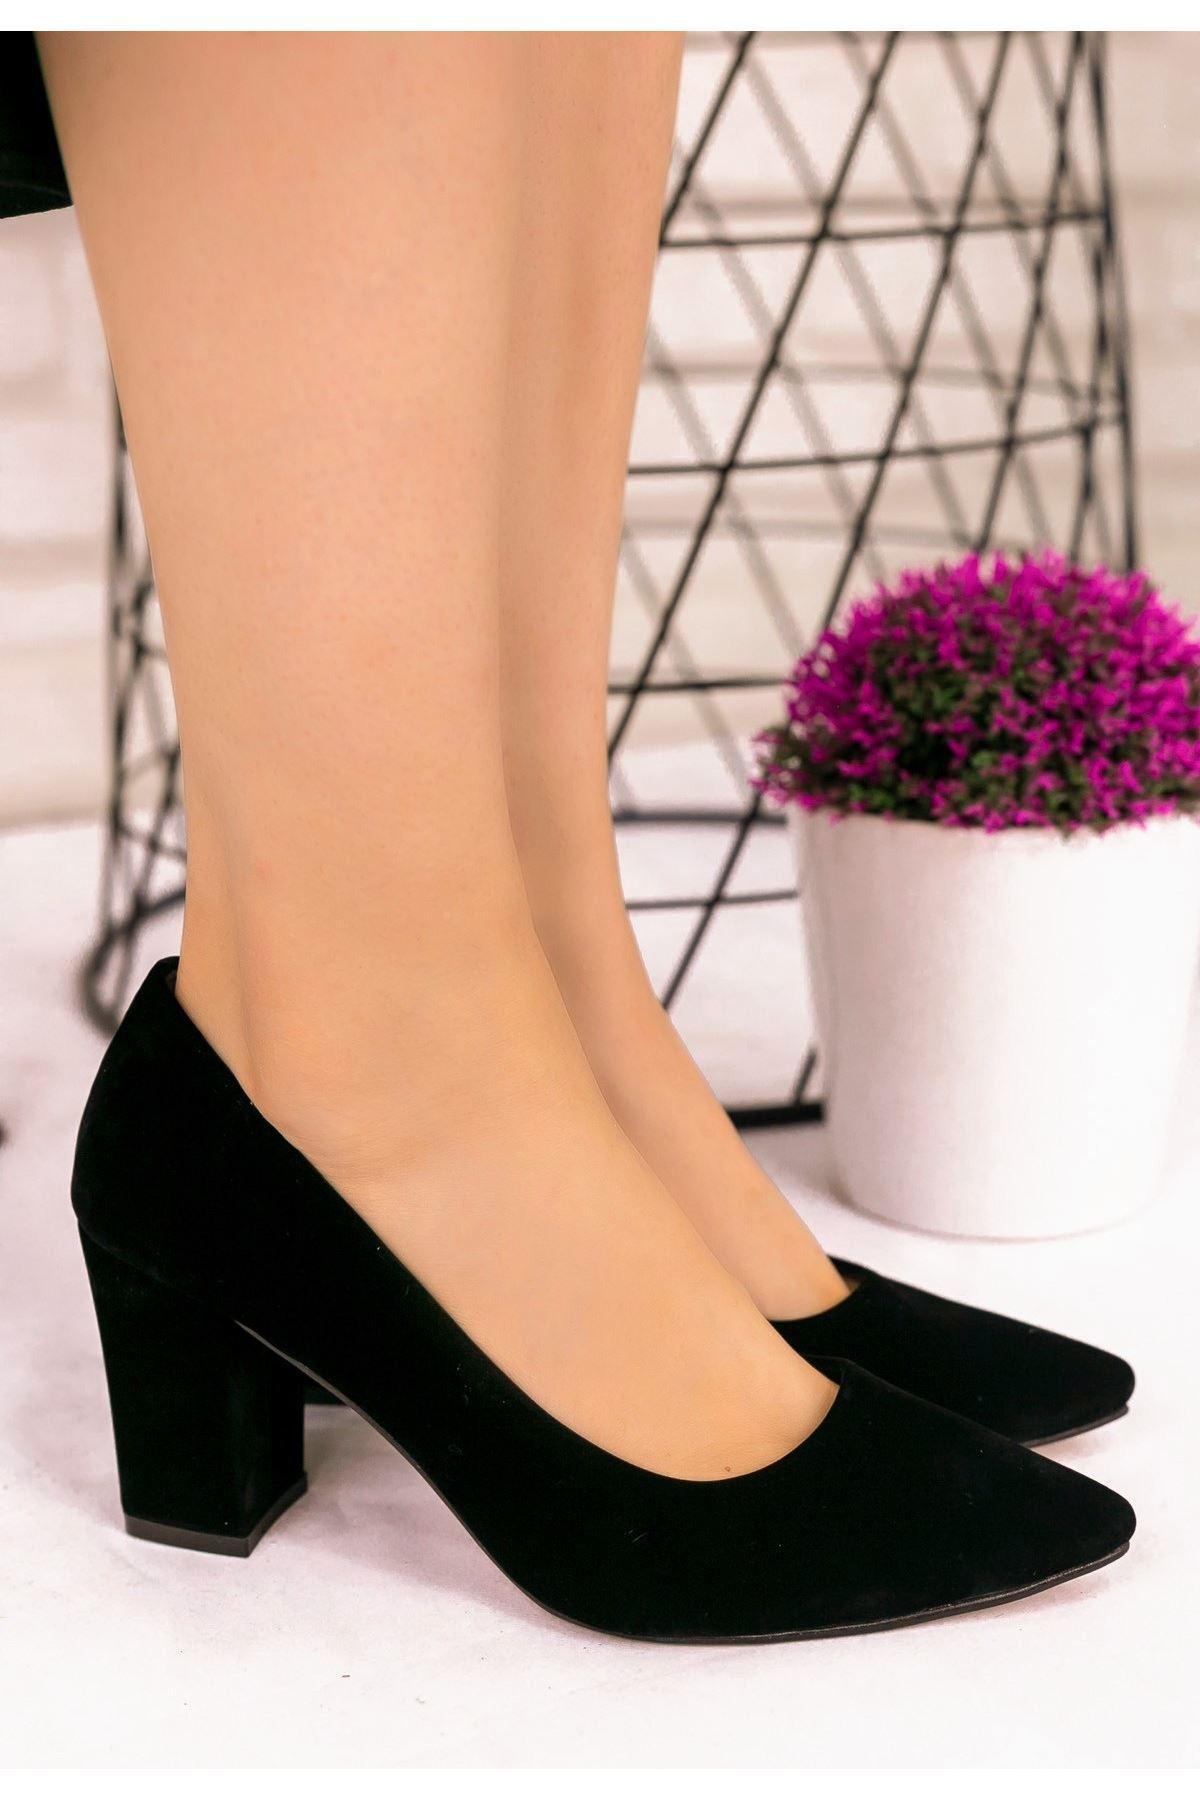 Danny Siyah Süet Topuklu Ayakkabı